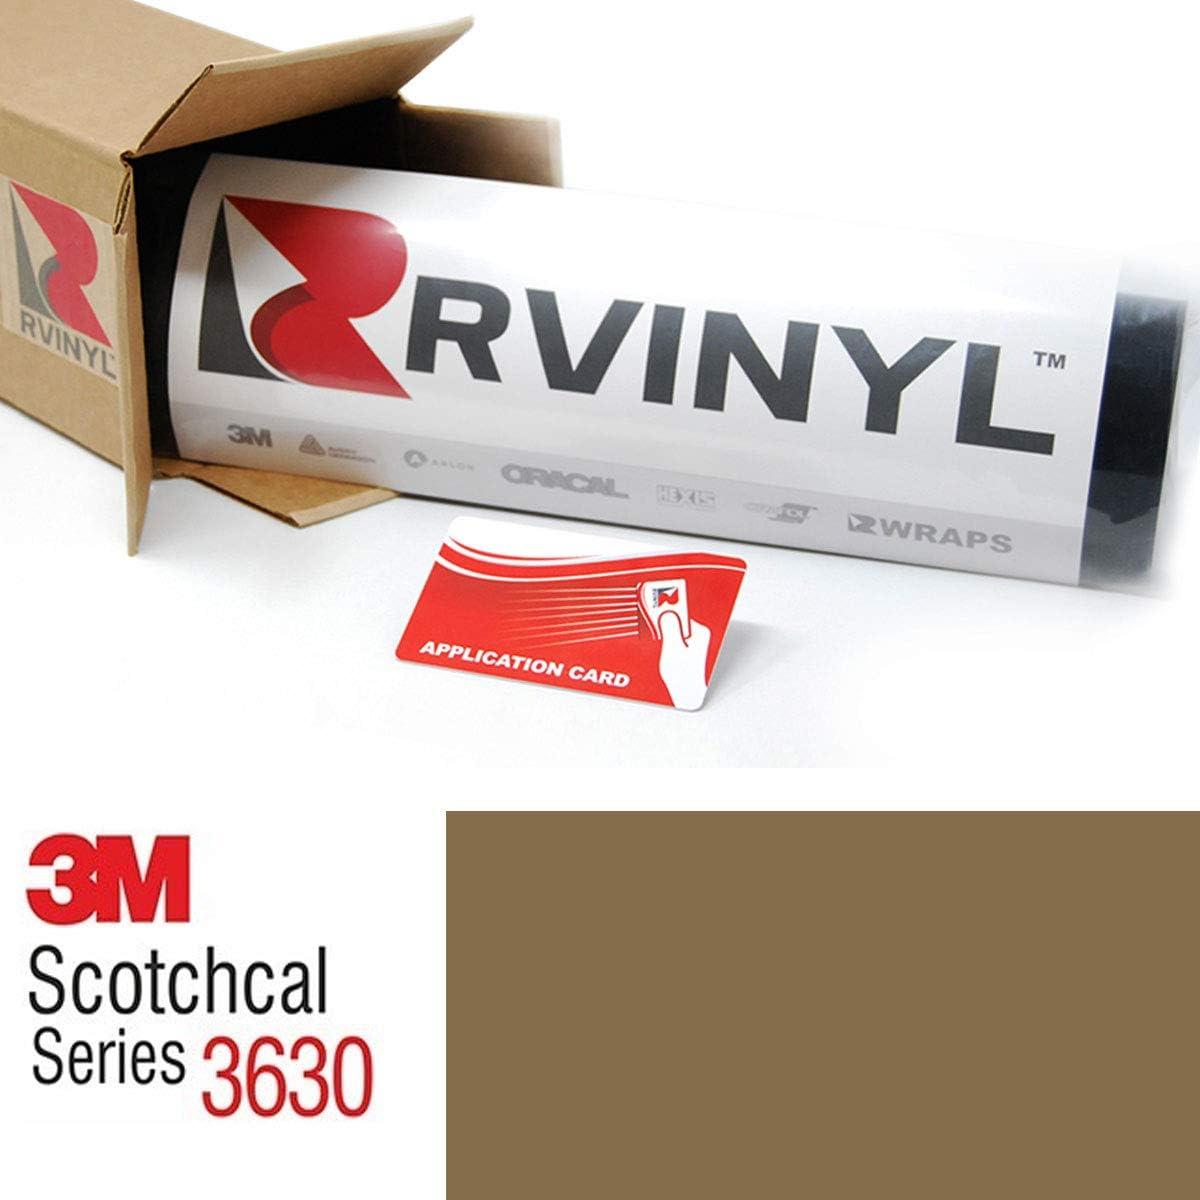 3 M 3630 oro metálico 131 Scotchcal translúcido película hoja rollo de vinilo gráfico – para, Silhouette Cameo CriCut, Craft y cortadores de señal: Amazon.es: Juguetes y juegos